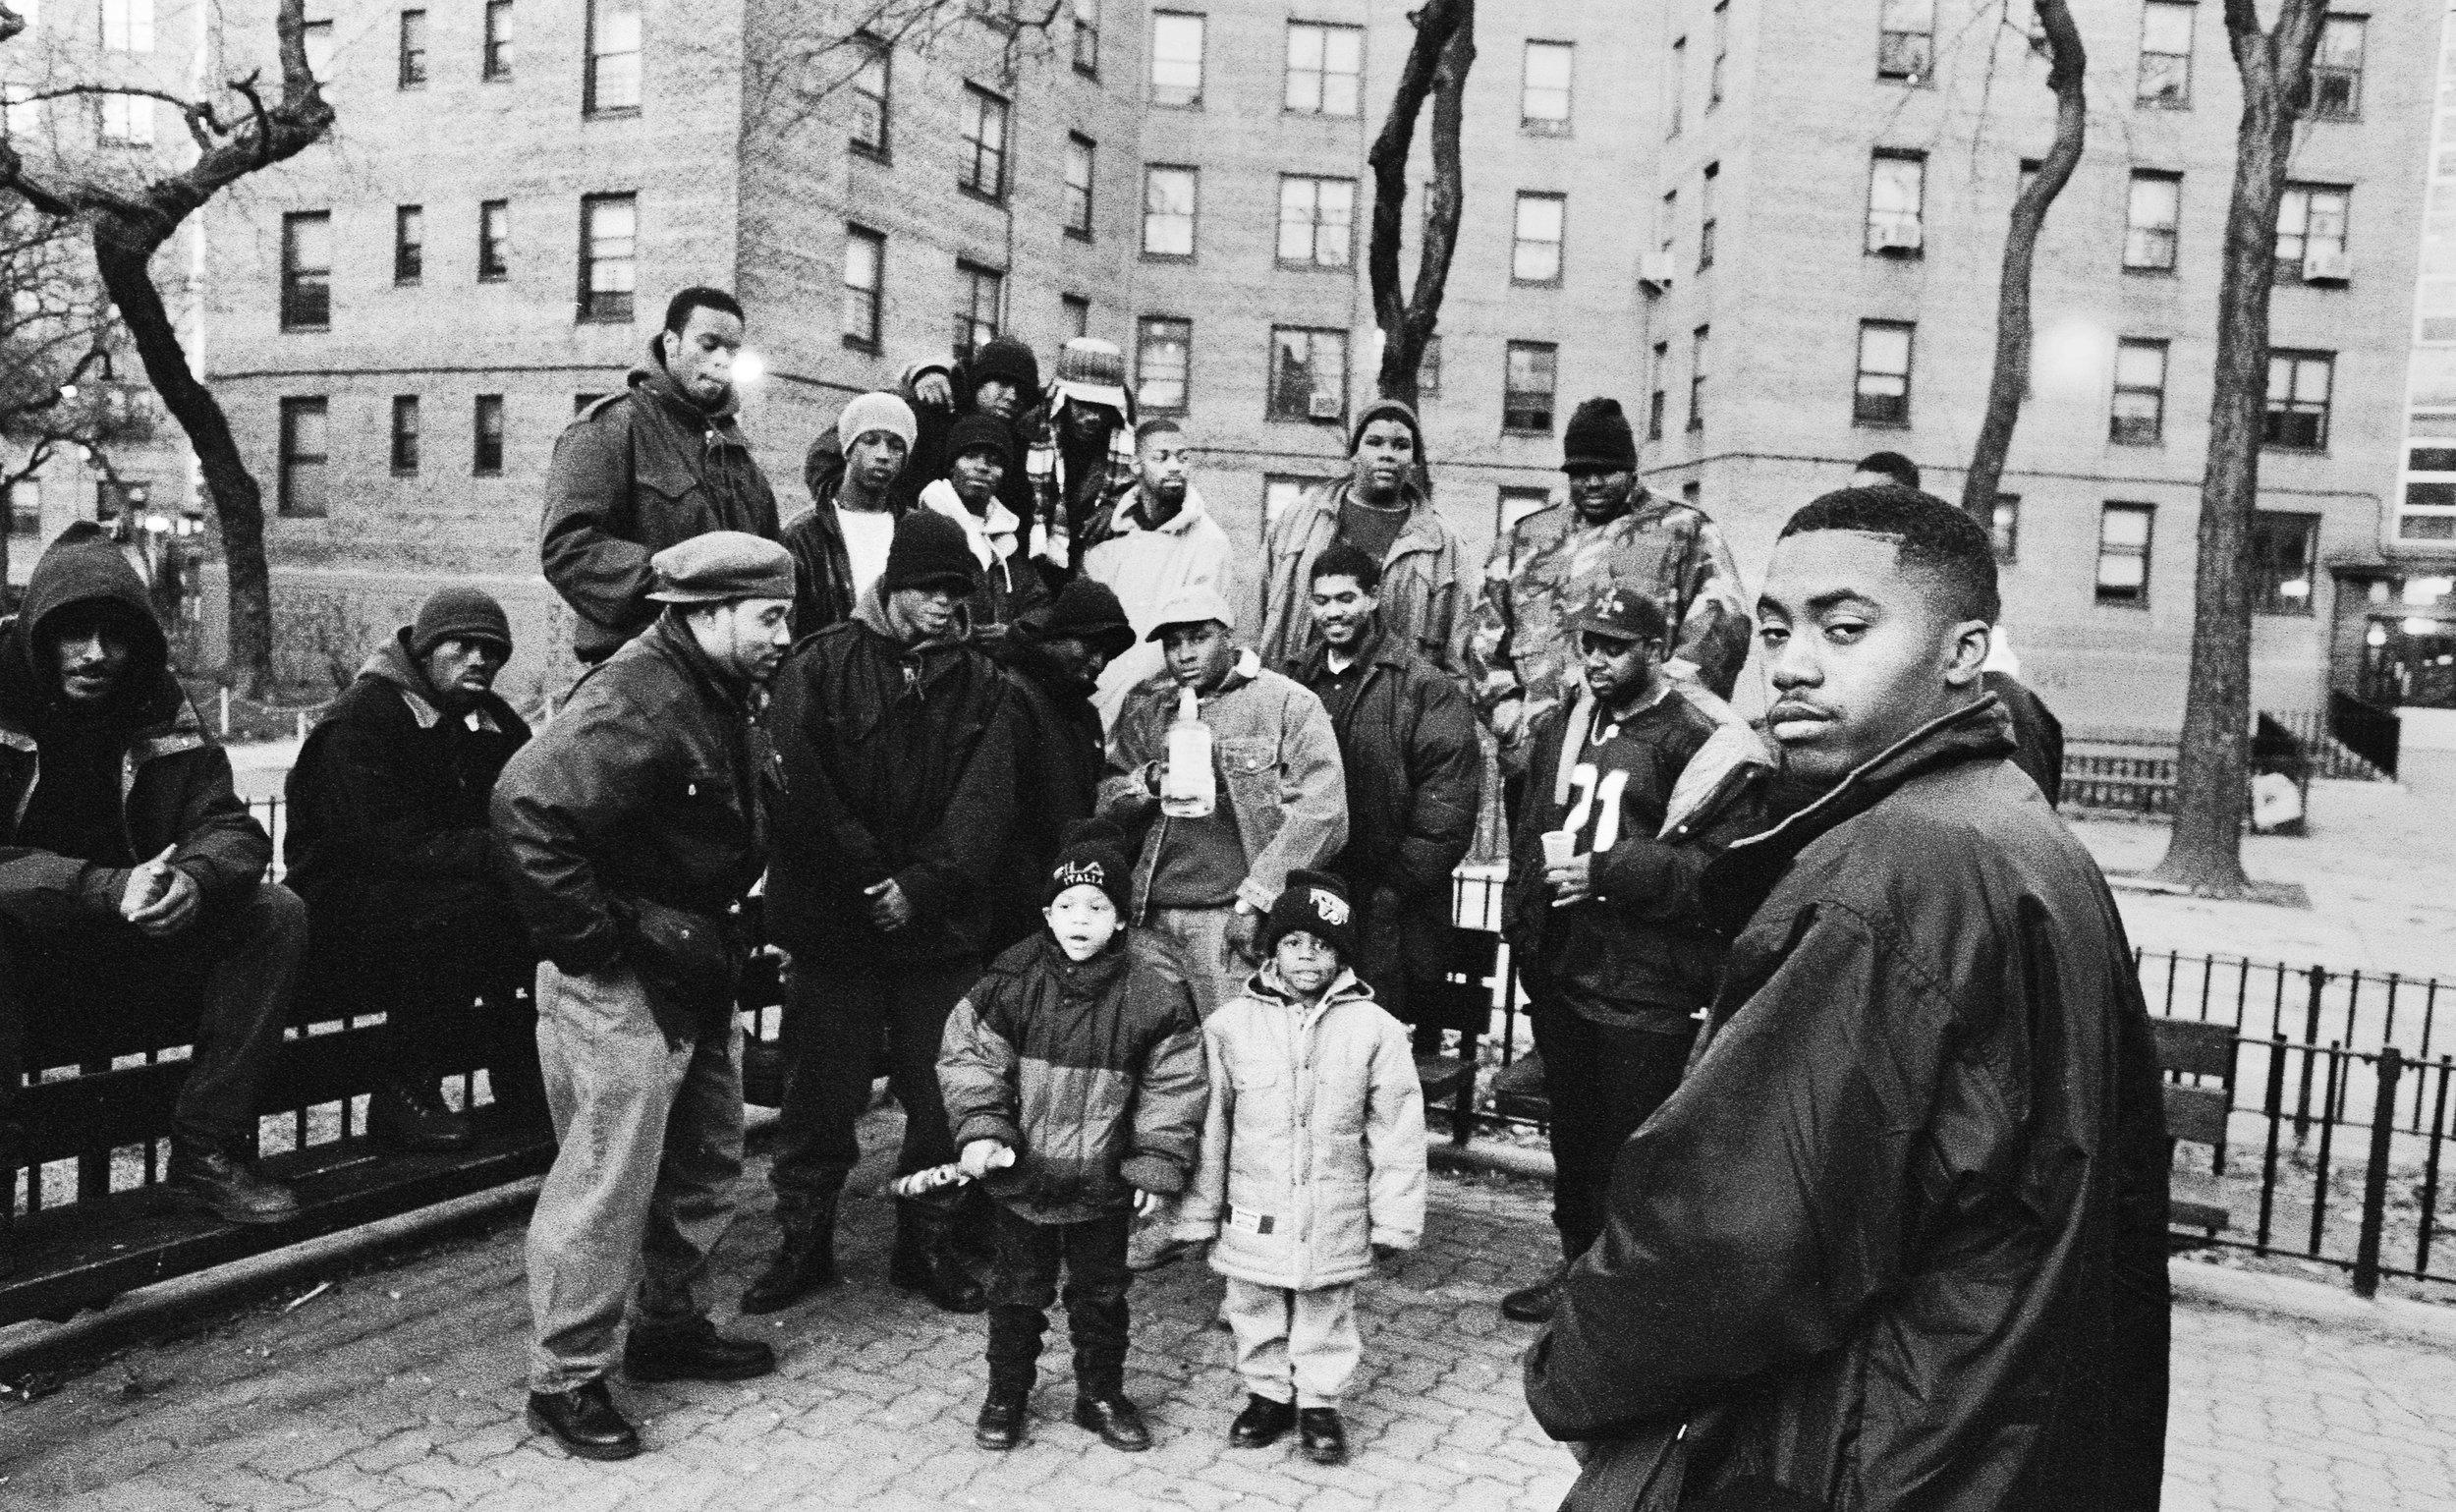 Nas — 'Illmatic' album shoot. 1994.